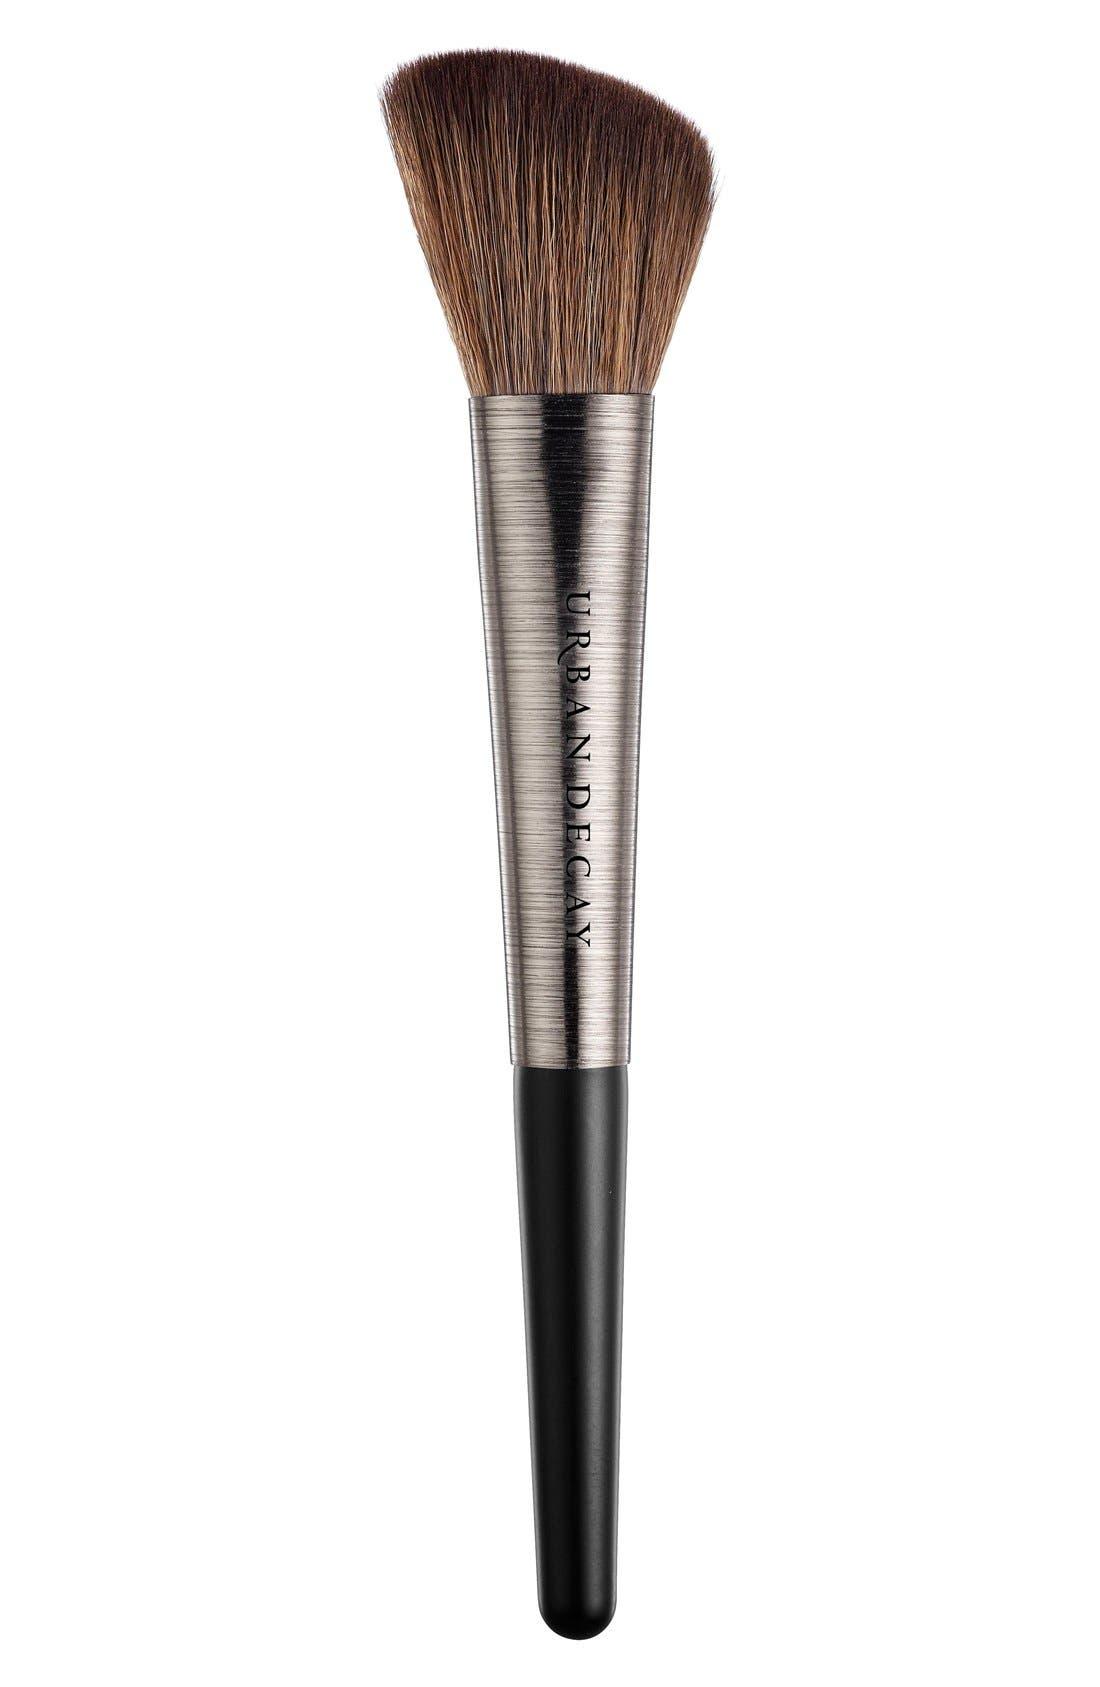 Urban Decay Pro Diffusing Blush Brush